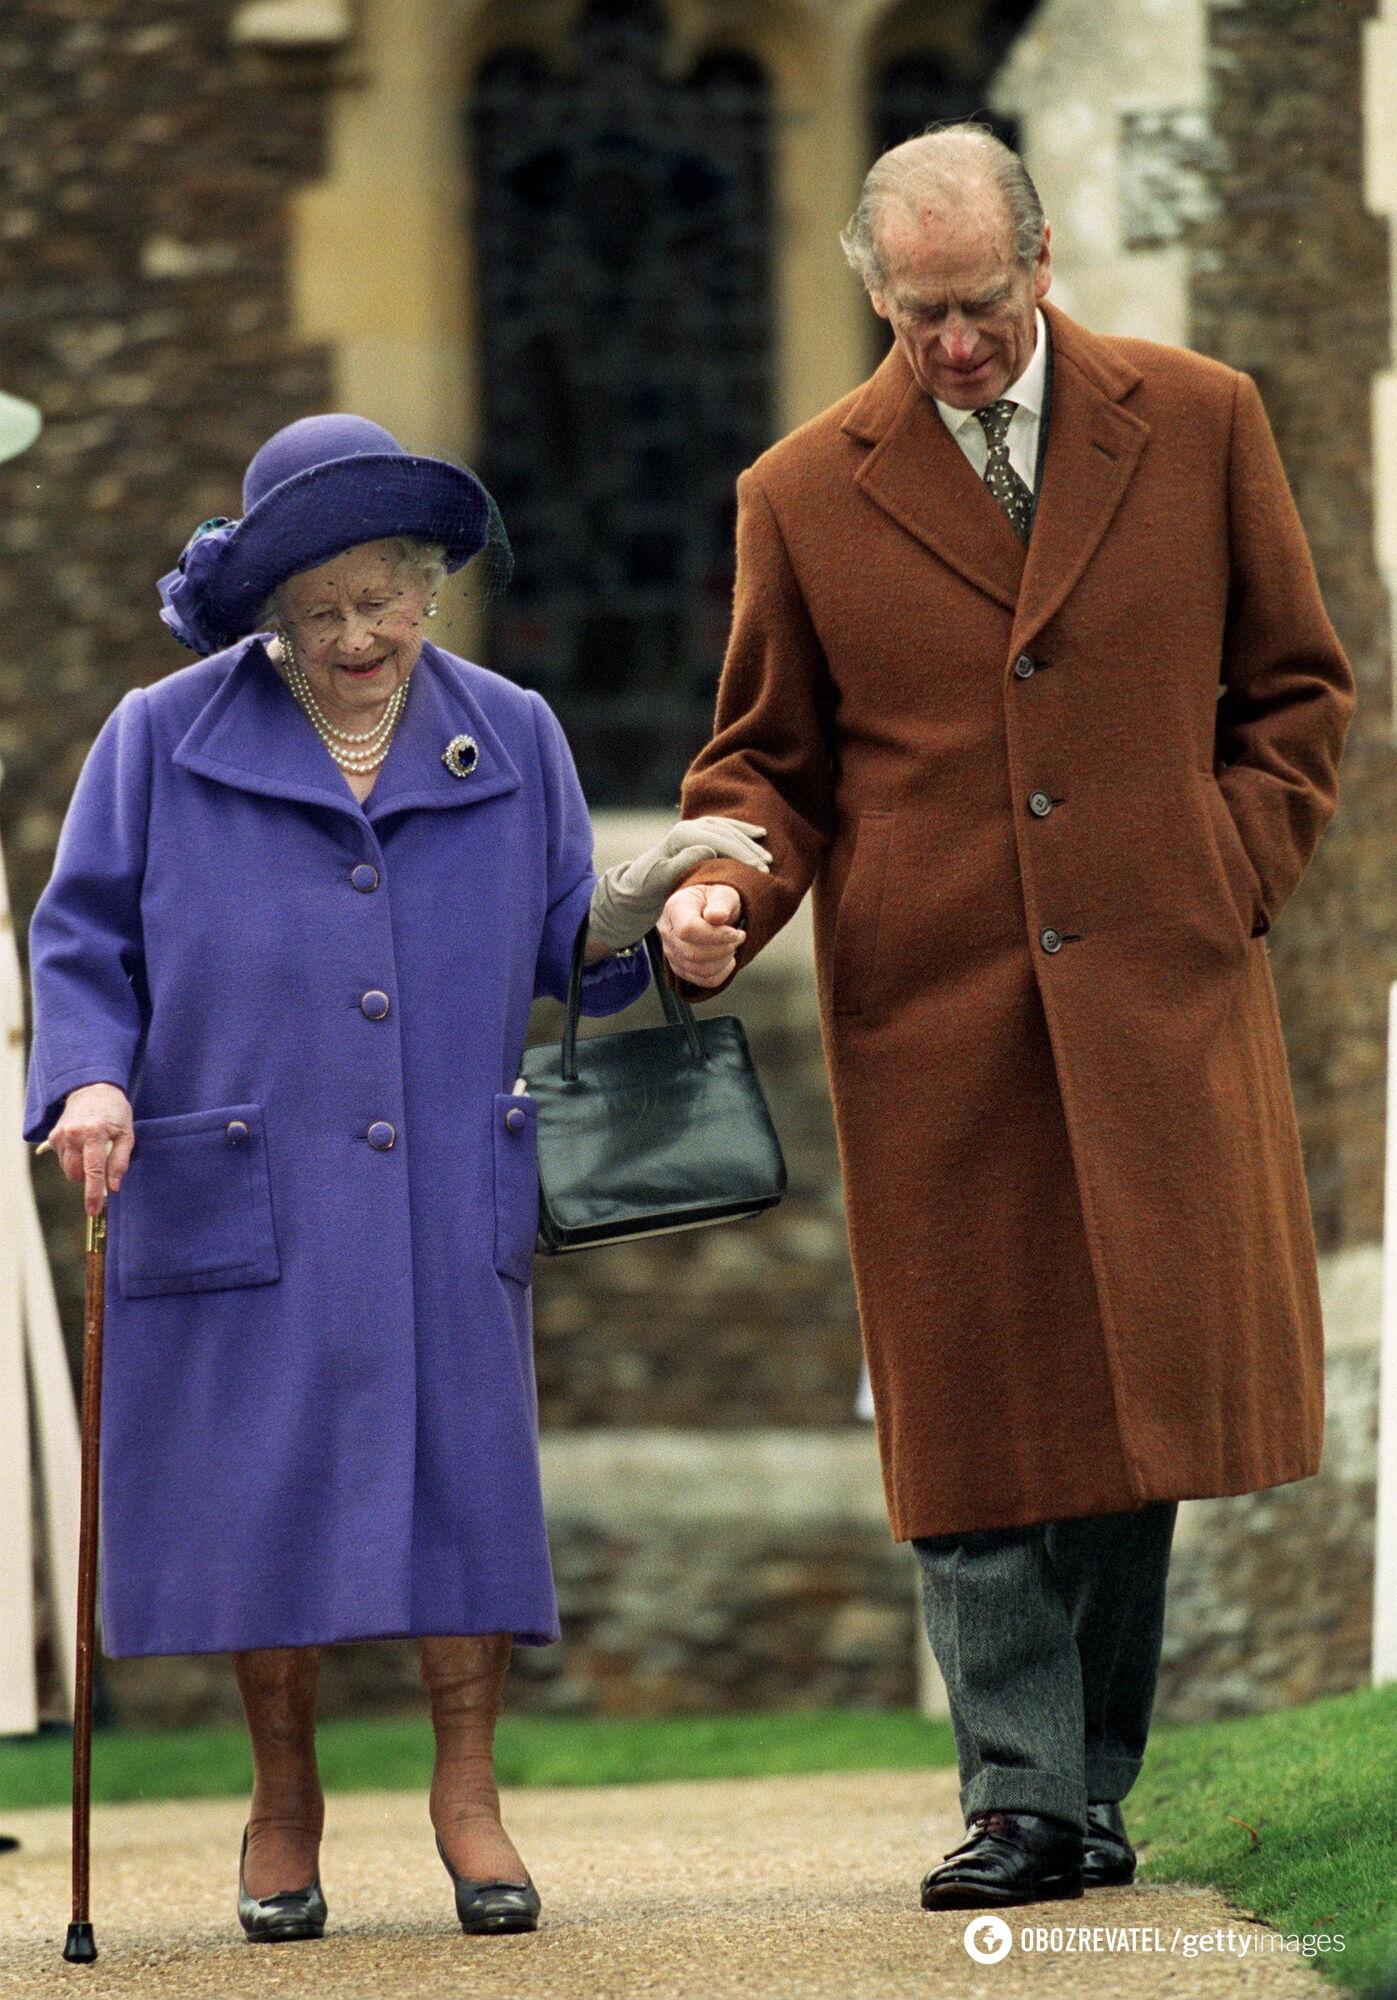 Принц Филипп с Елизаветой прожили 73 года в браке.